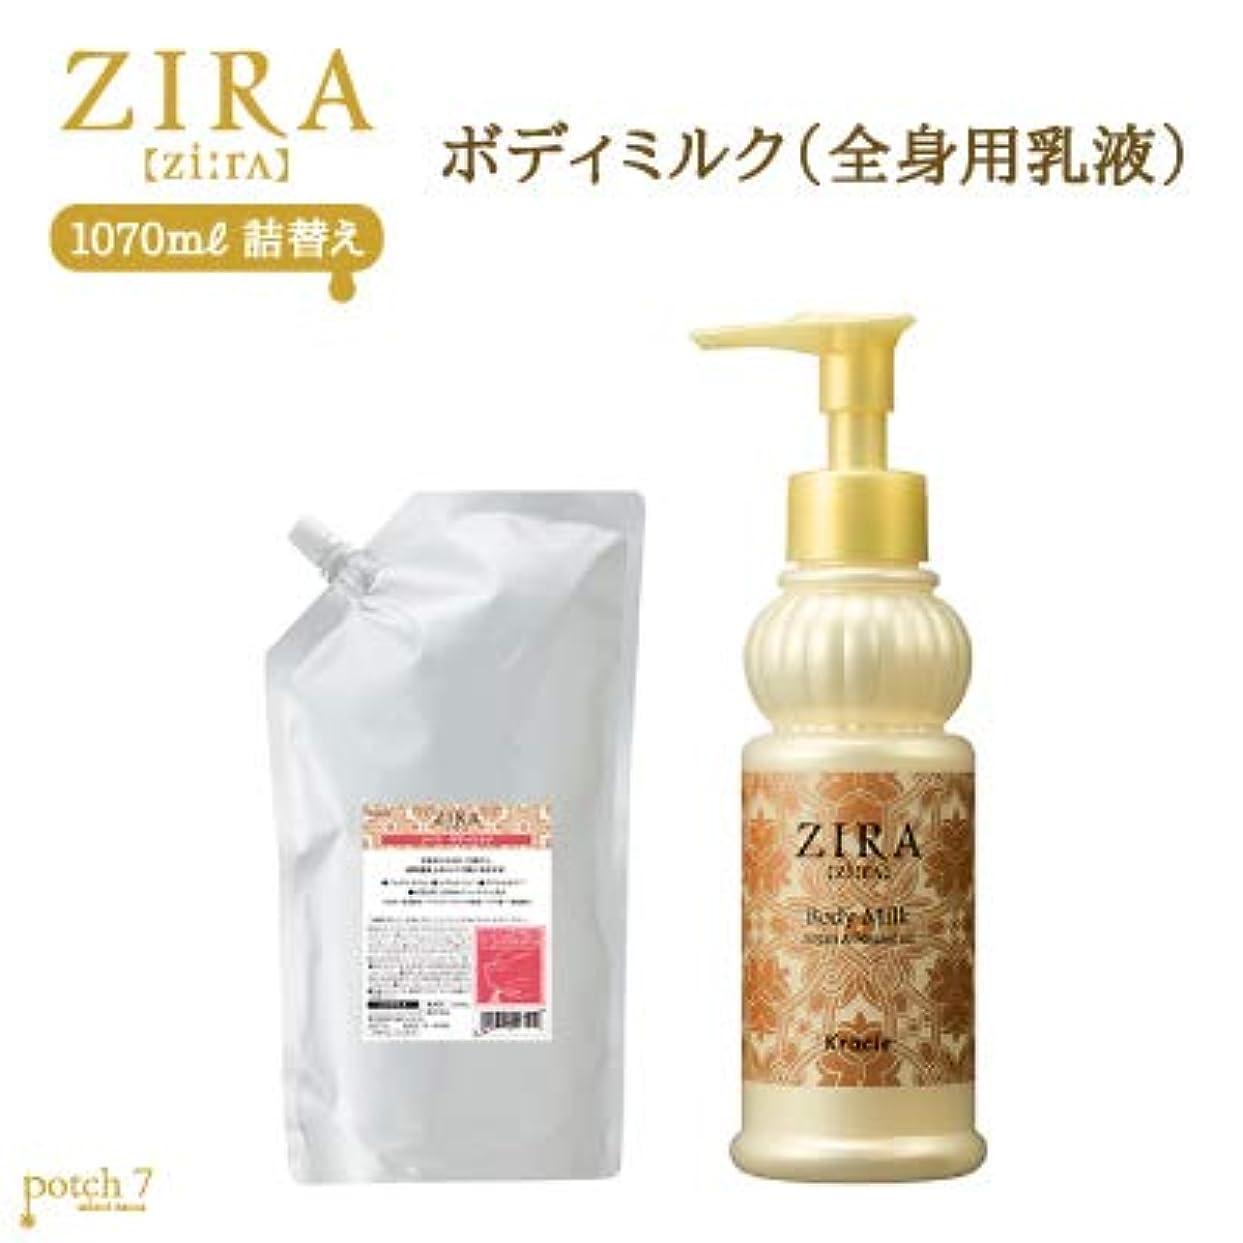 抑制メモ抑制kracie(クラシエ) ZIRA ジーラ ボディミルク 乳液 1070ml 業務用サイズ 詰替え 150ml×1本